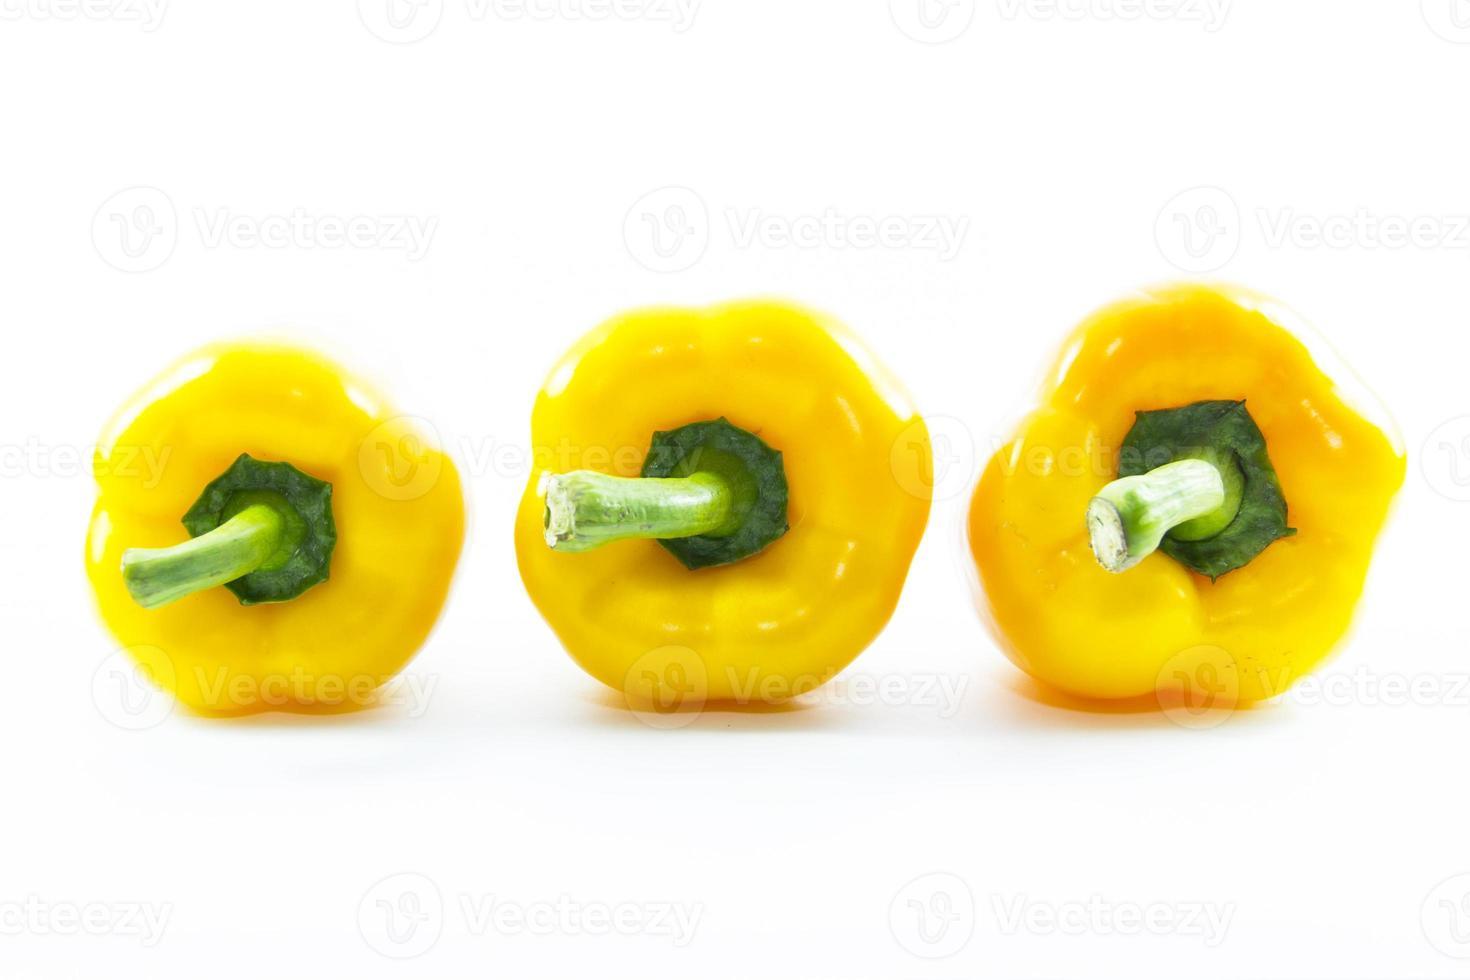 Reihe gelber Chili Paprika in unterschiedlicher Größe foto